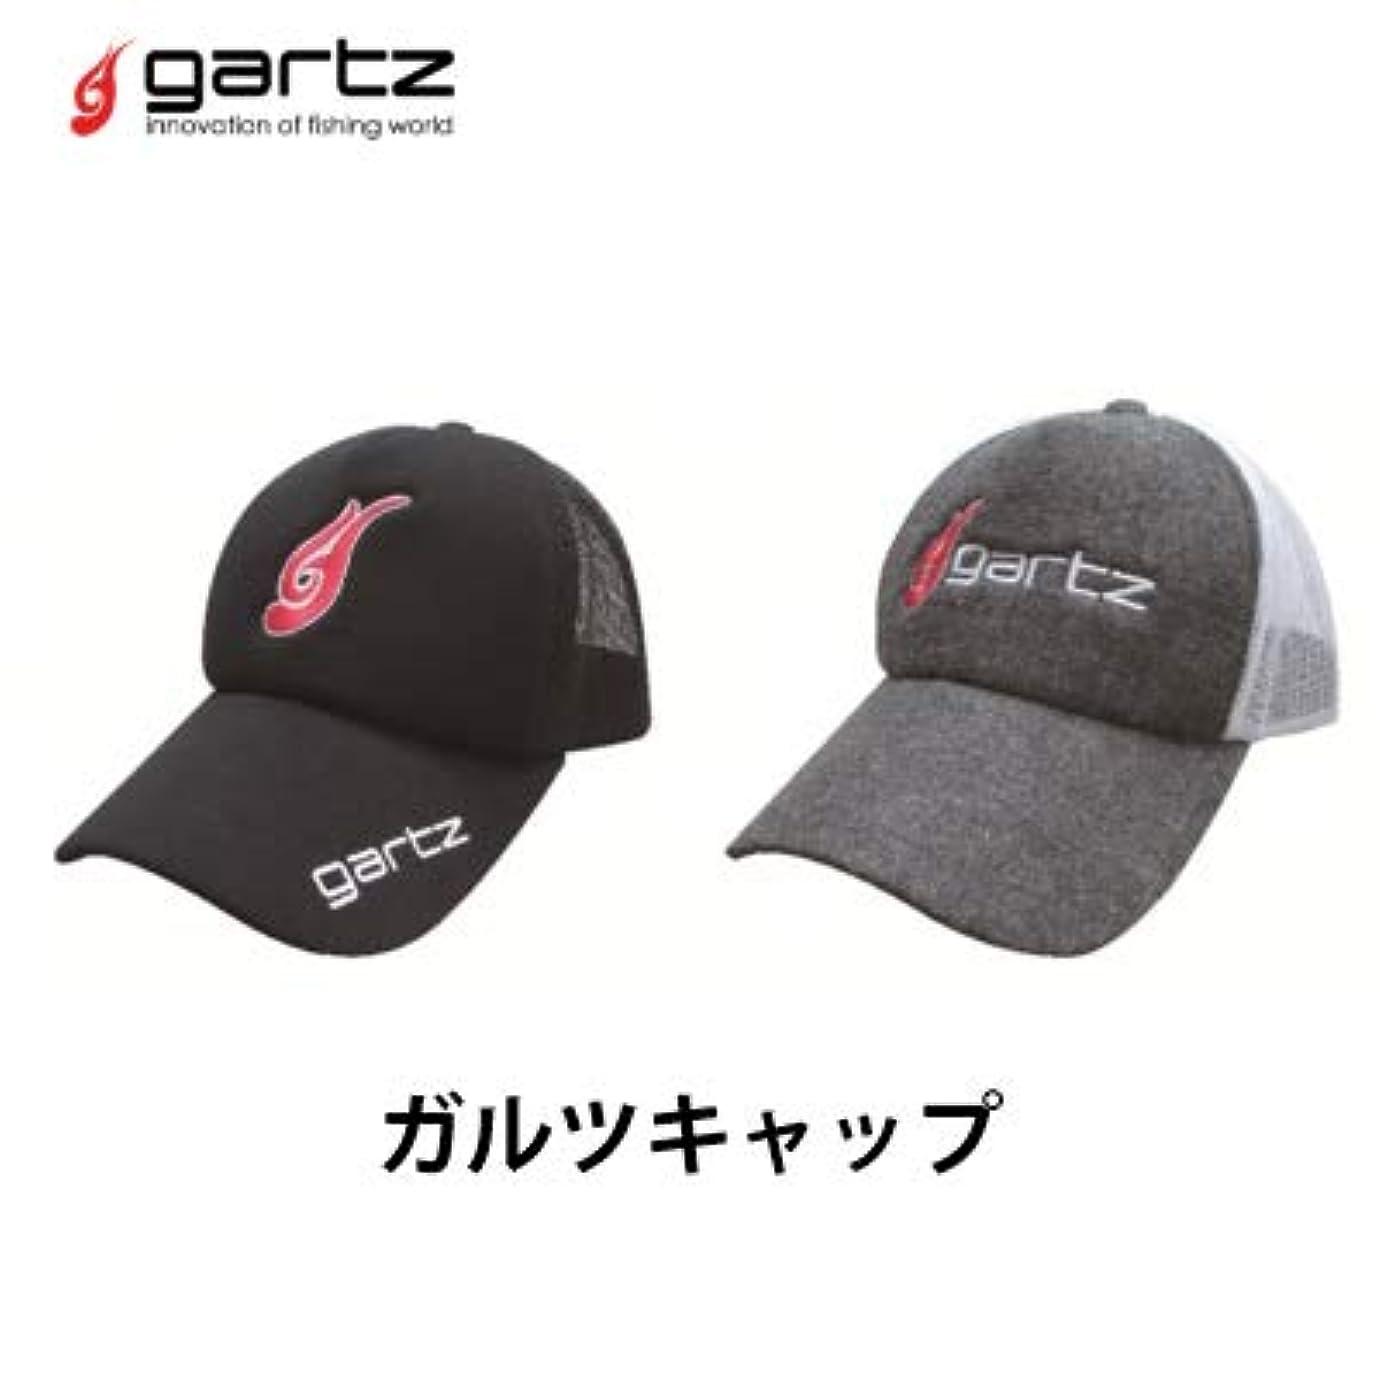 ガルツ(gartz) 920 ガルツメッシュキャップ ブラック F 920